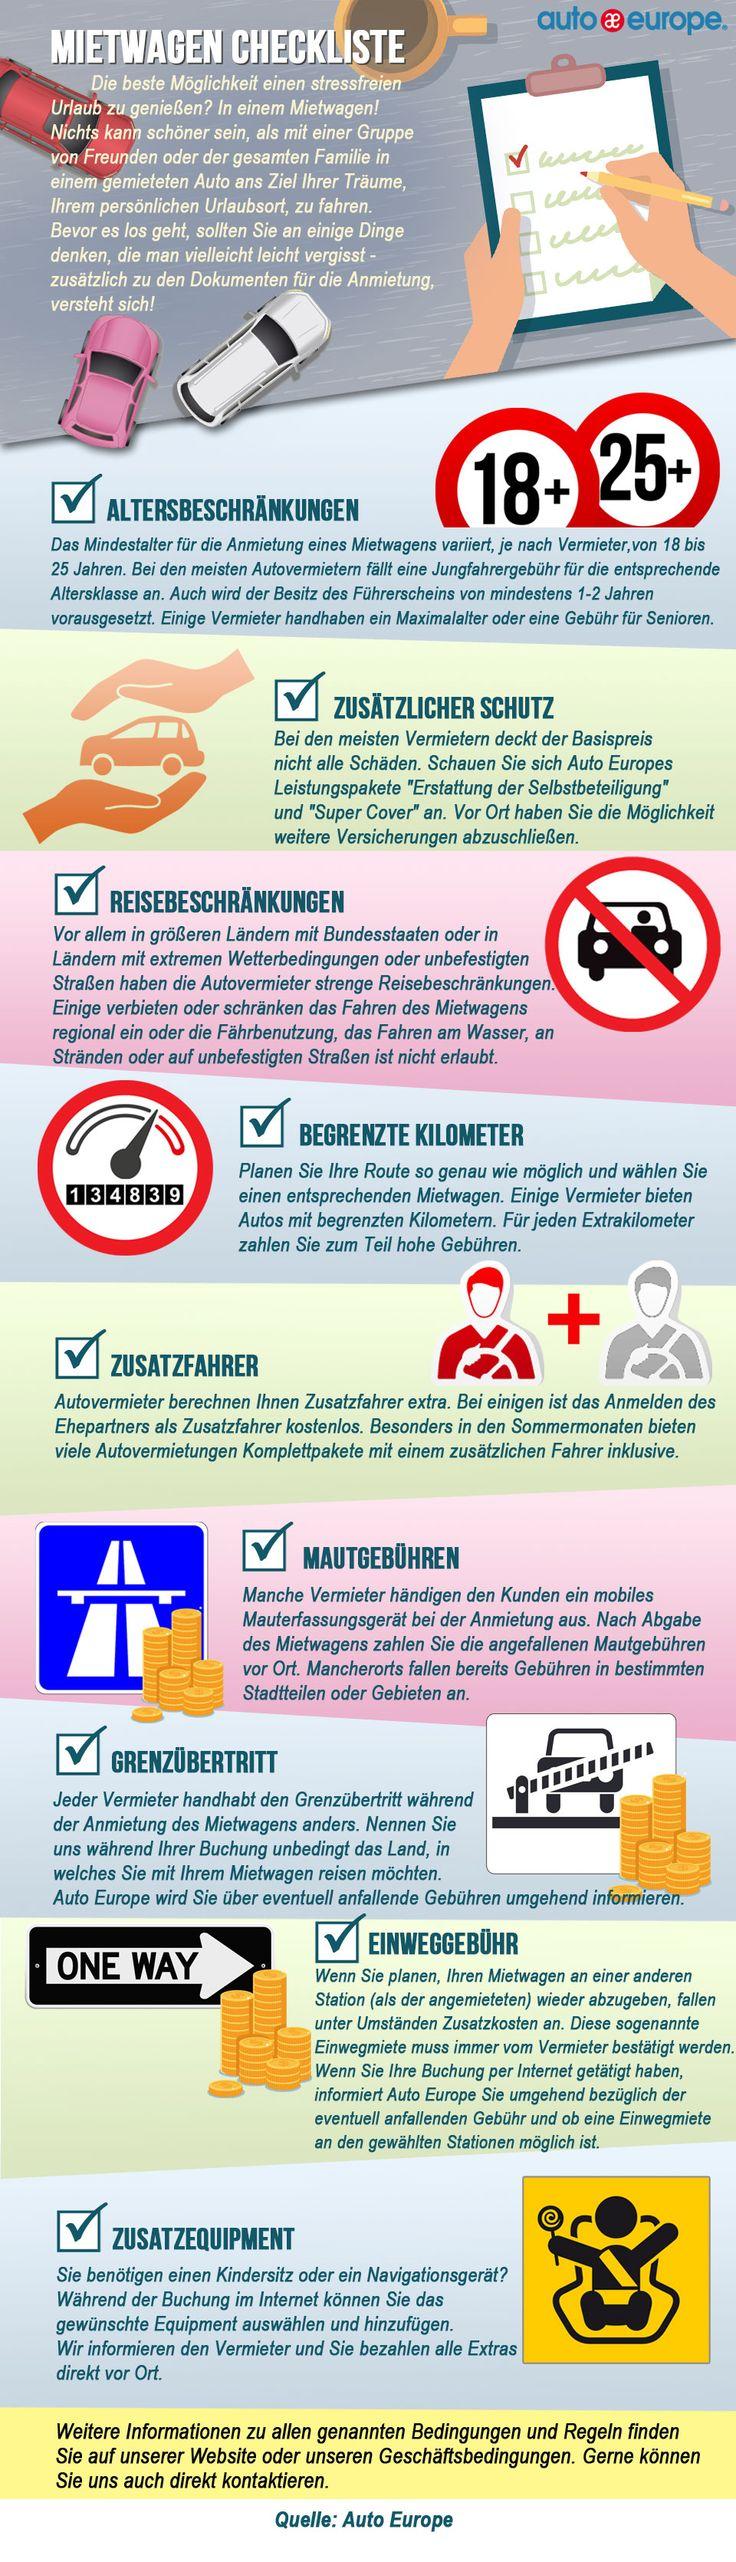 Infografik: Mietwagen Checkliste - Hier geht's zu unseren Infografiken: www.autoeurope.de